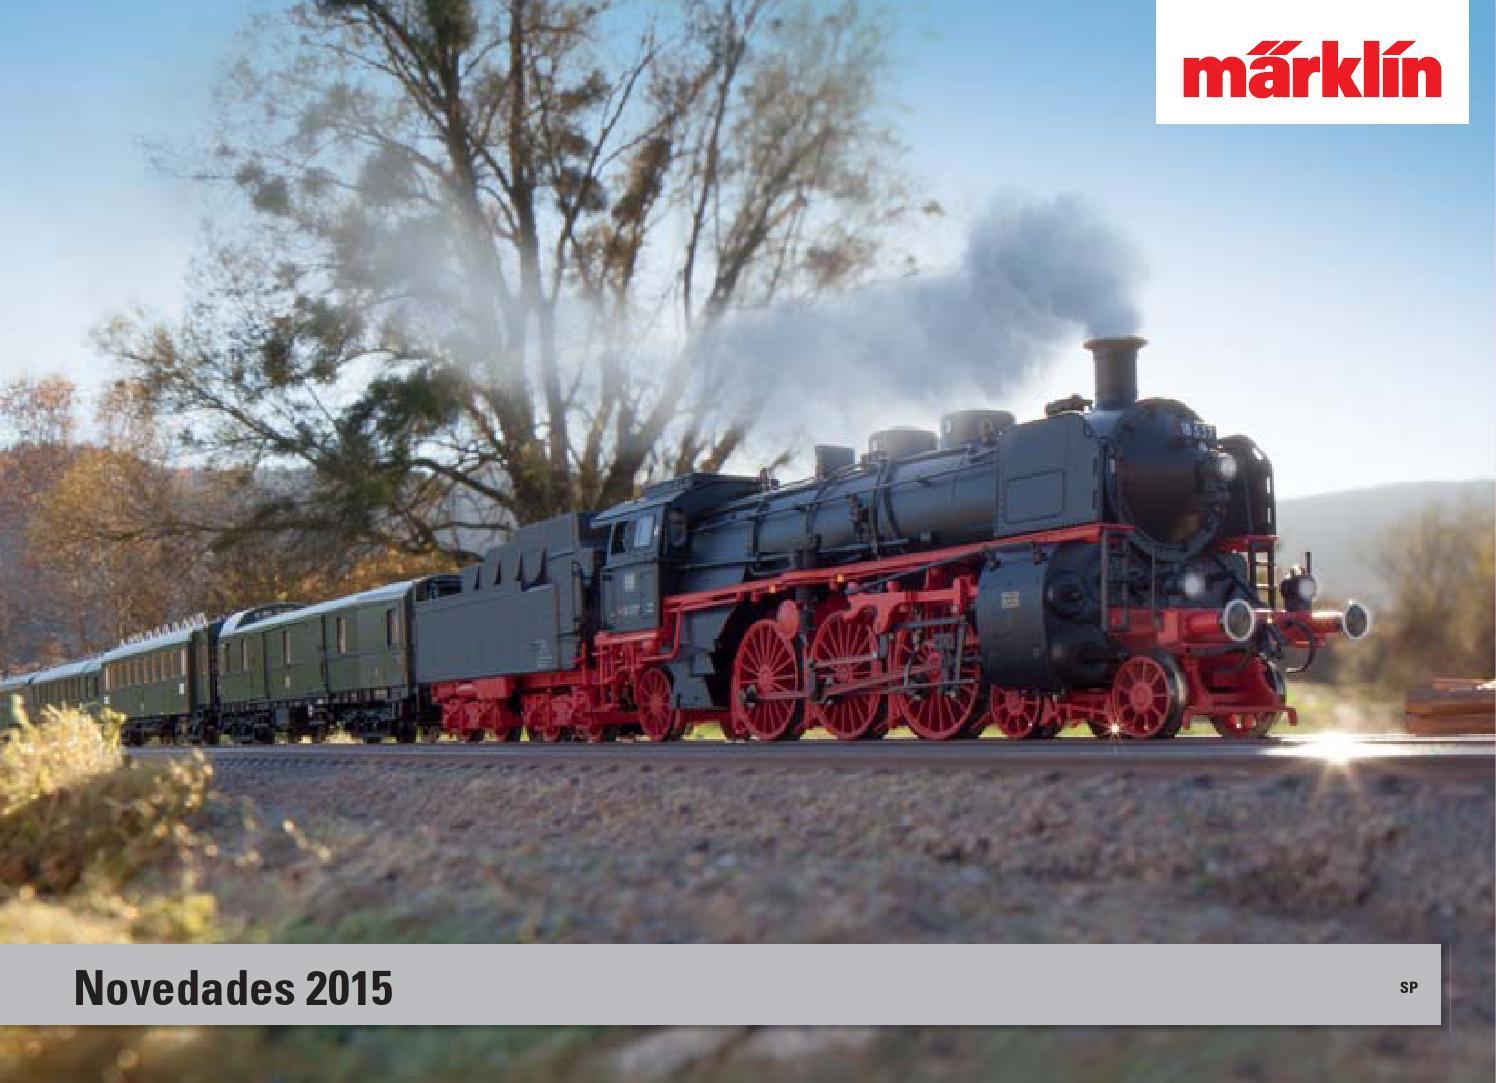 b2fb4179a marklin 2015 by Jose Pablo Fernandez - issuu